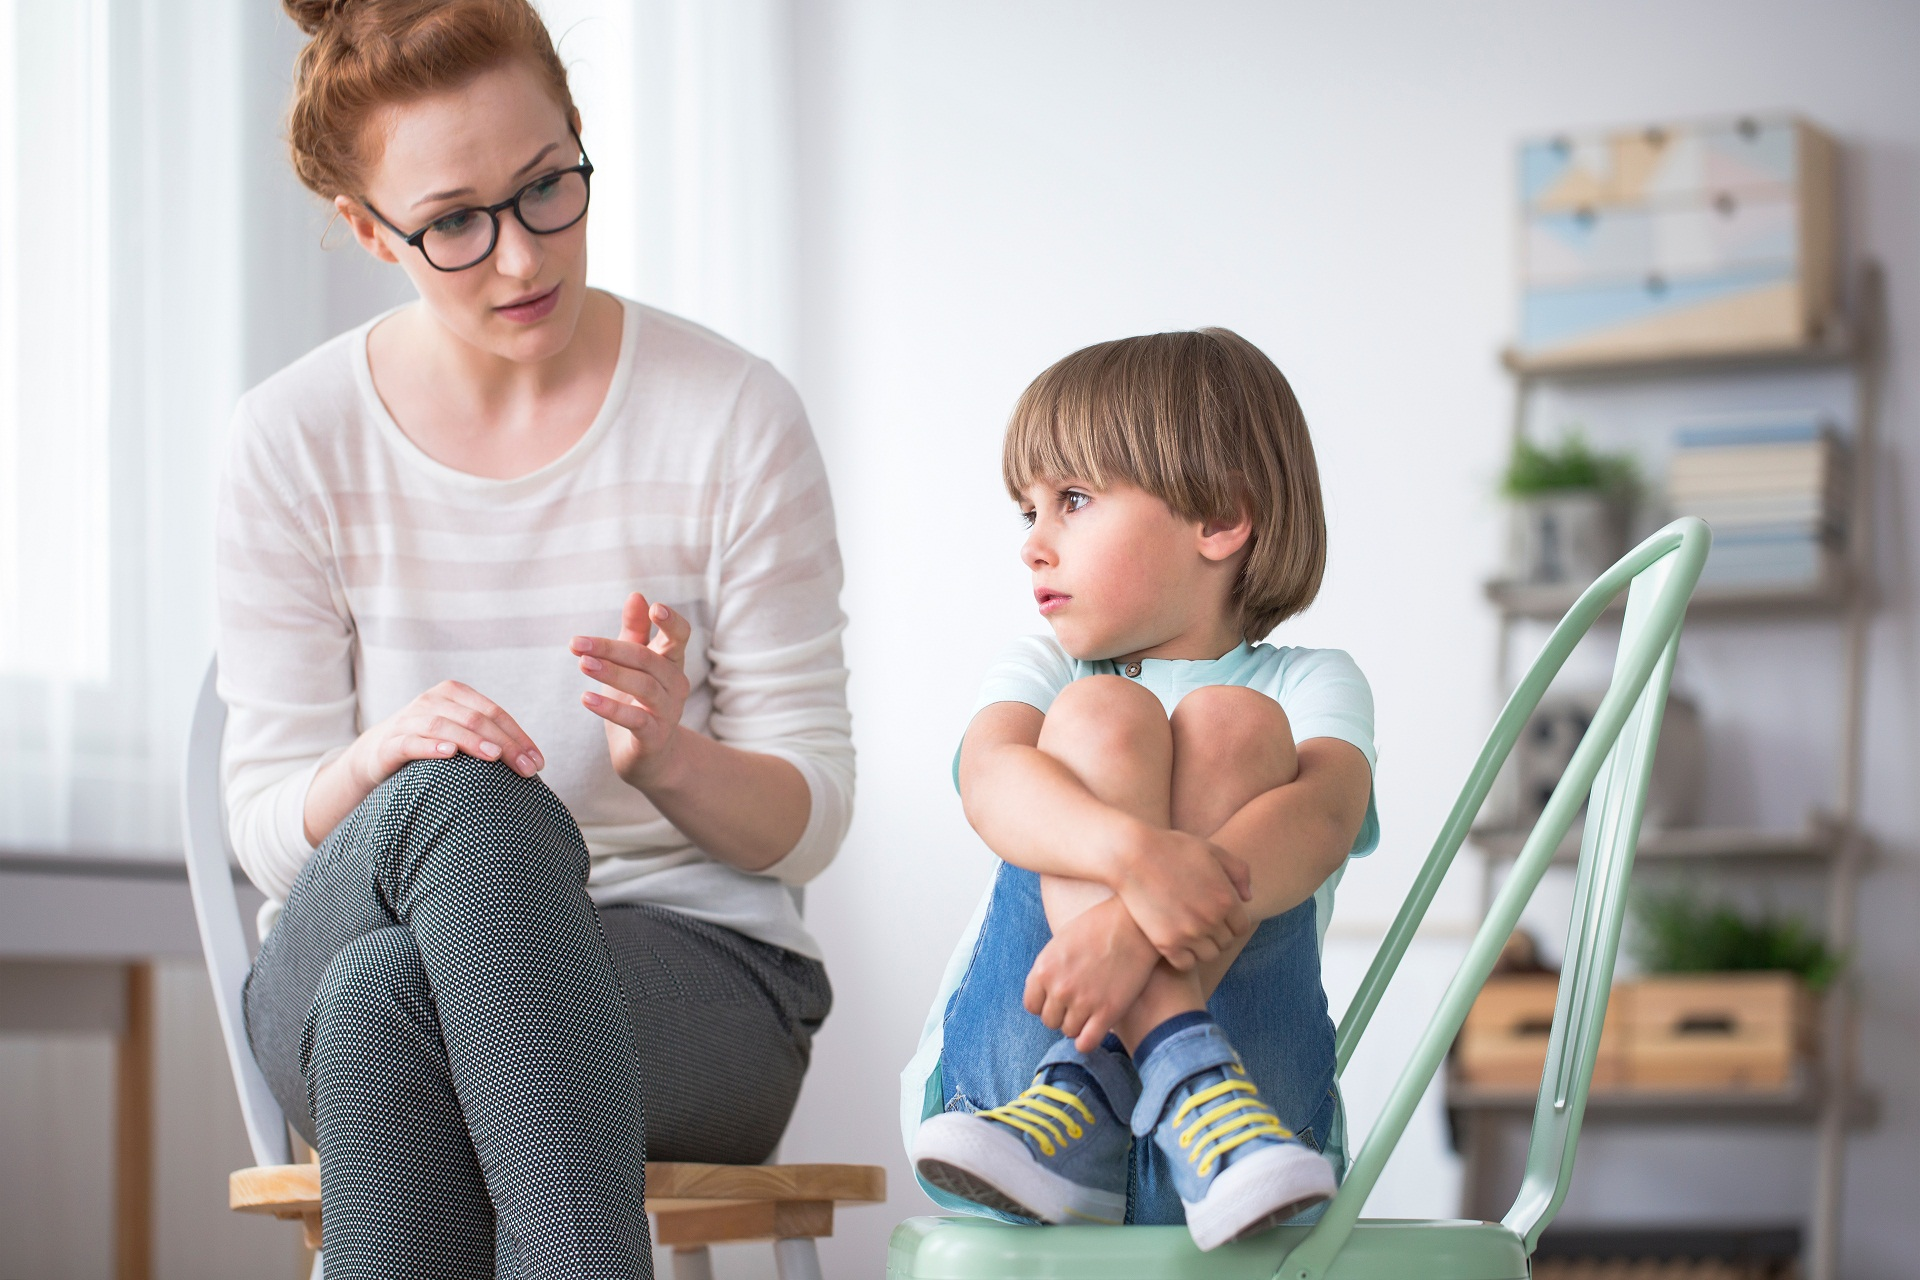 síndrome de asperger autismo de alto funcionamento transtorno do espectro autista TEA